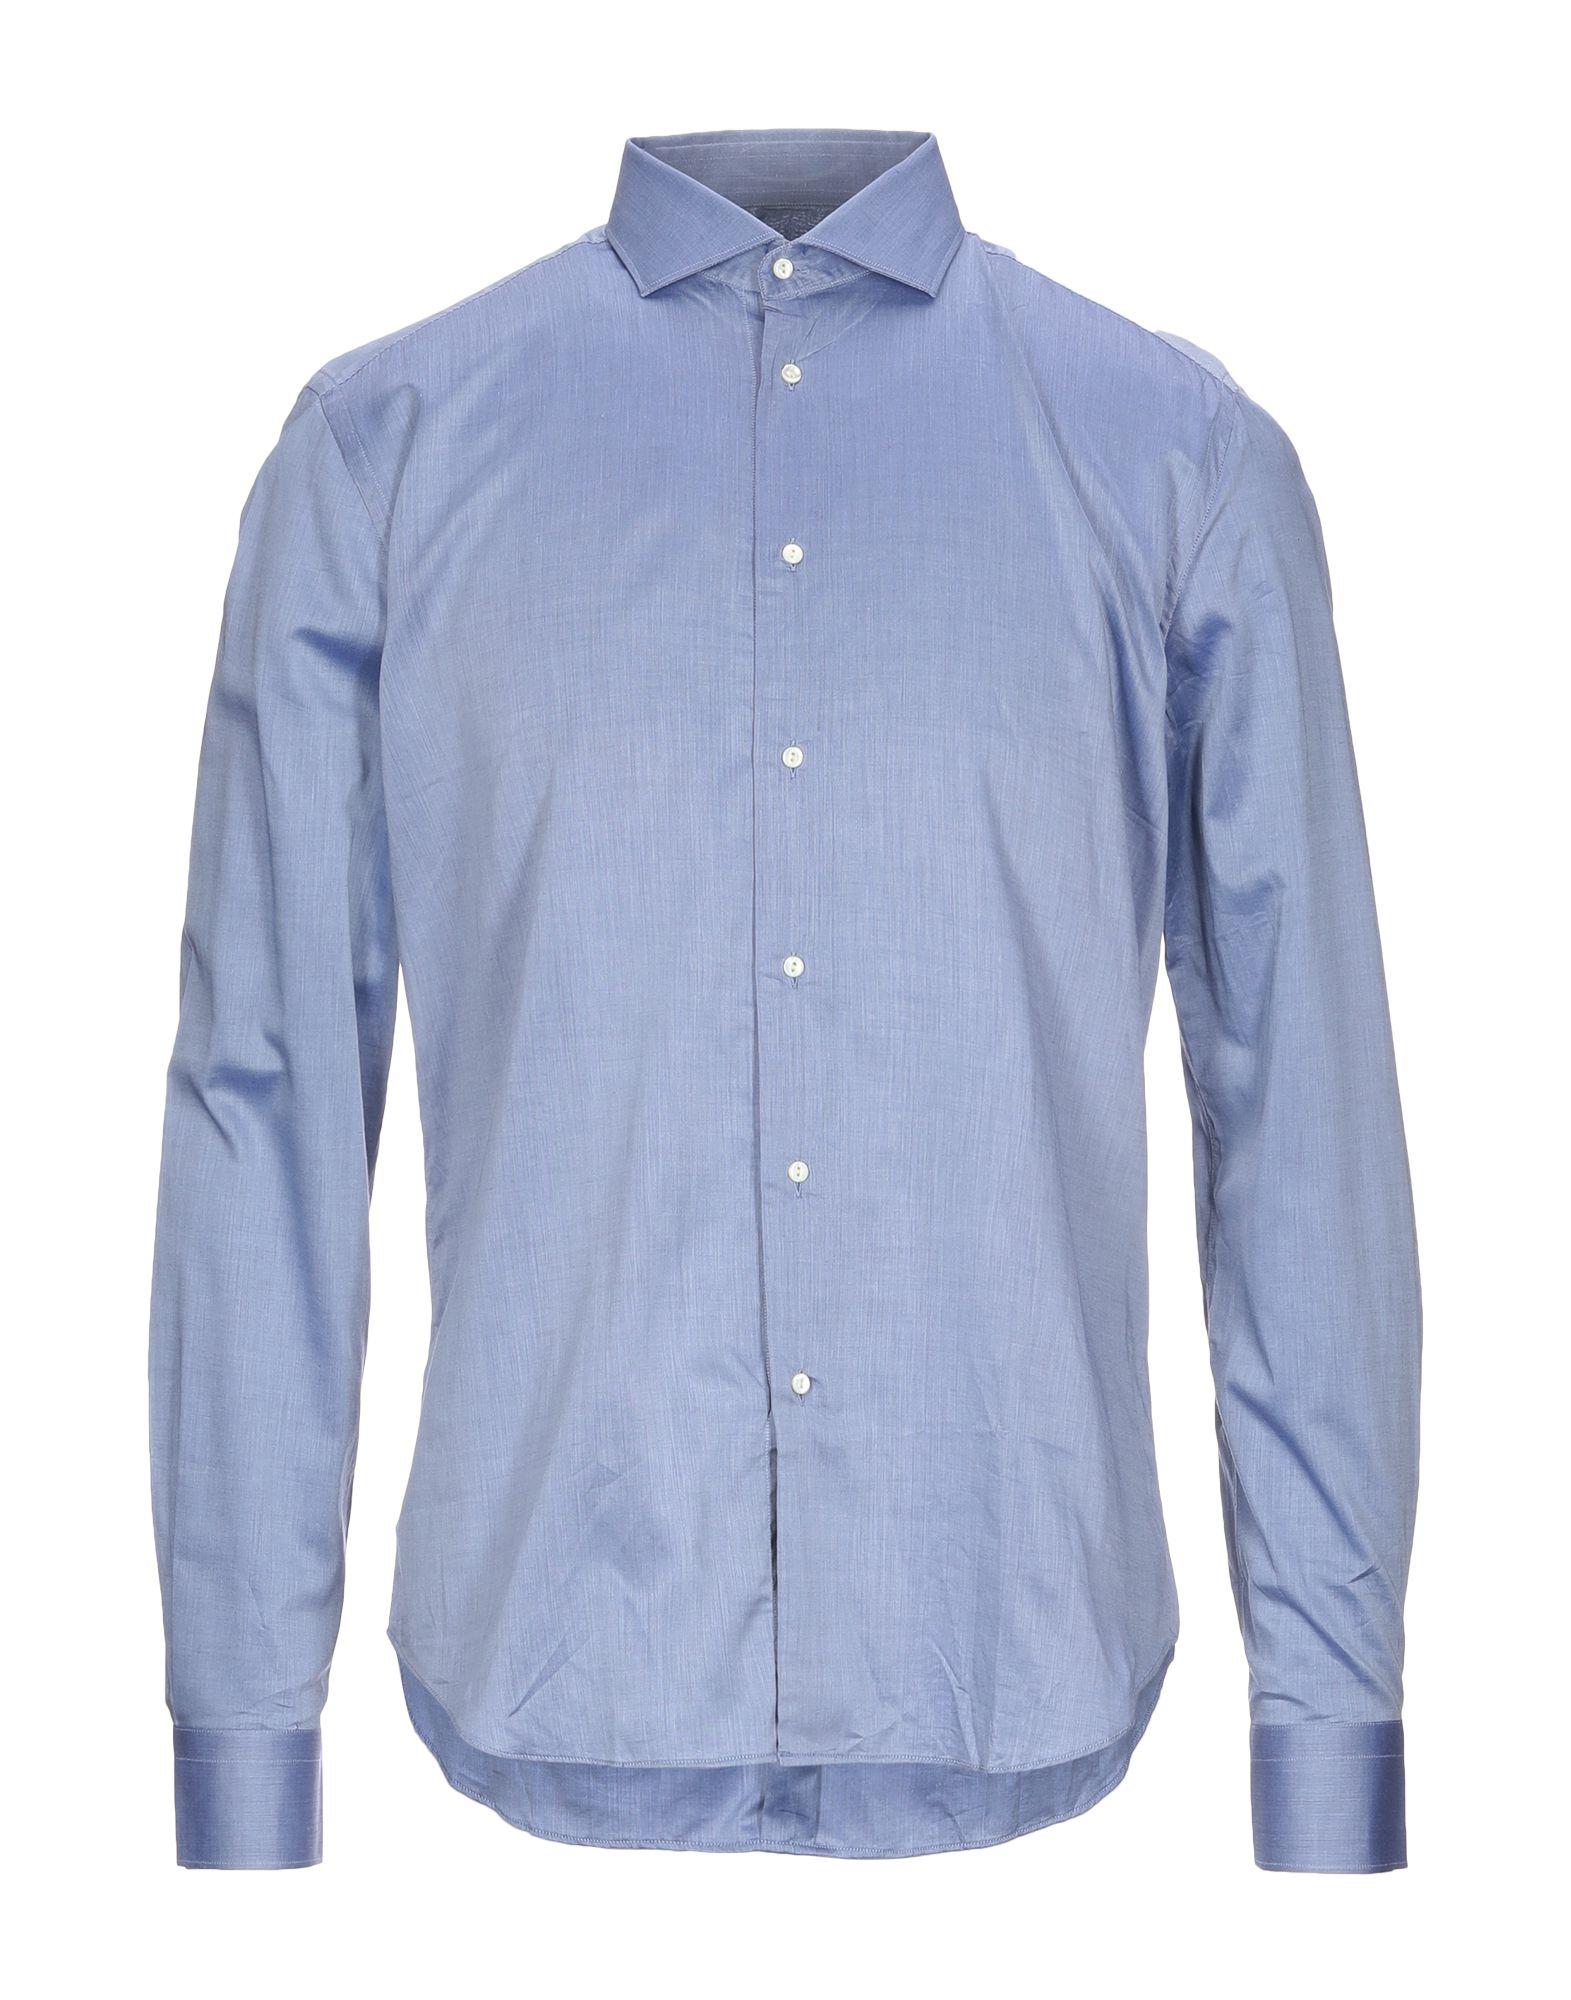 《セール開催中》TREND CORNELIANI メンズ シャツ ブルー 41 コットン 100%